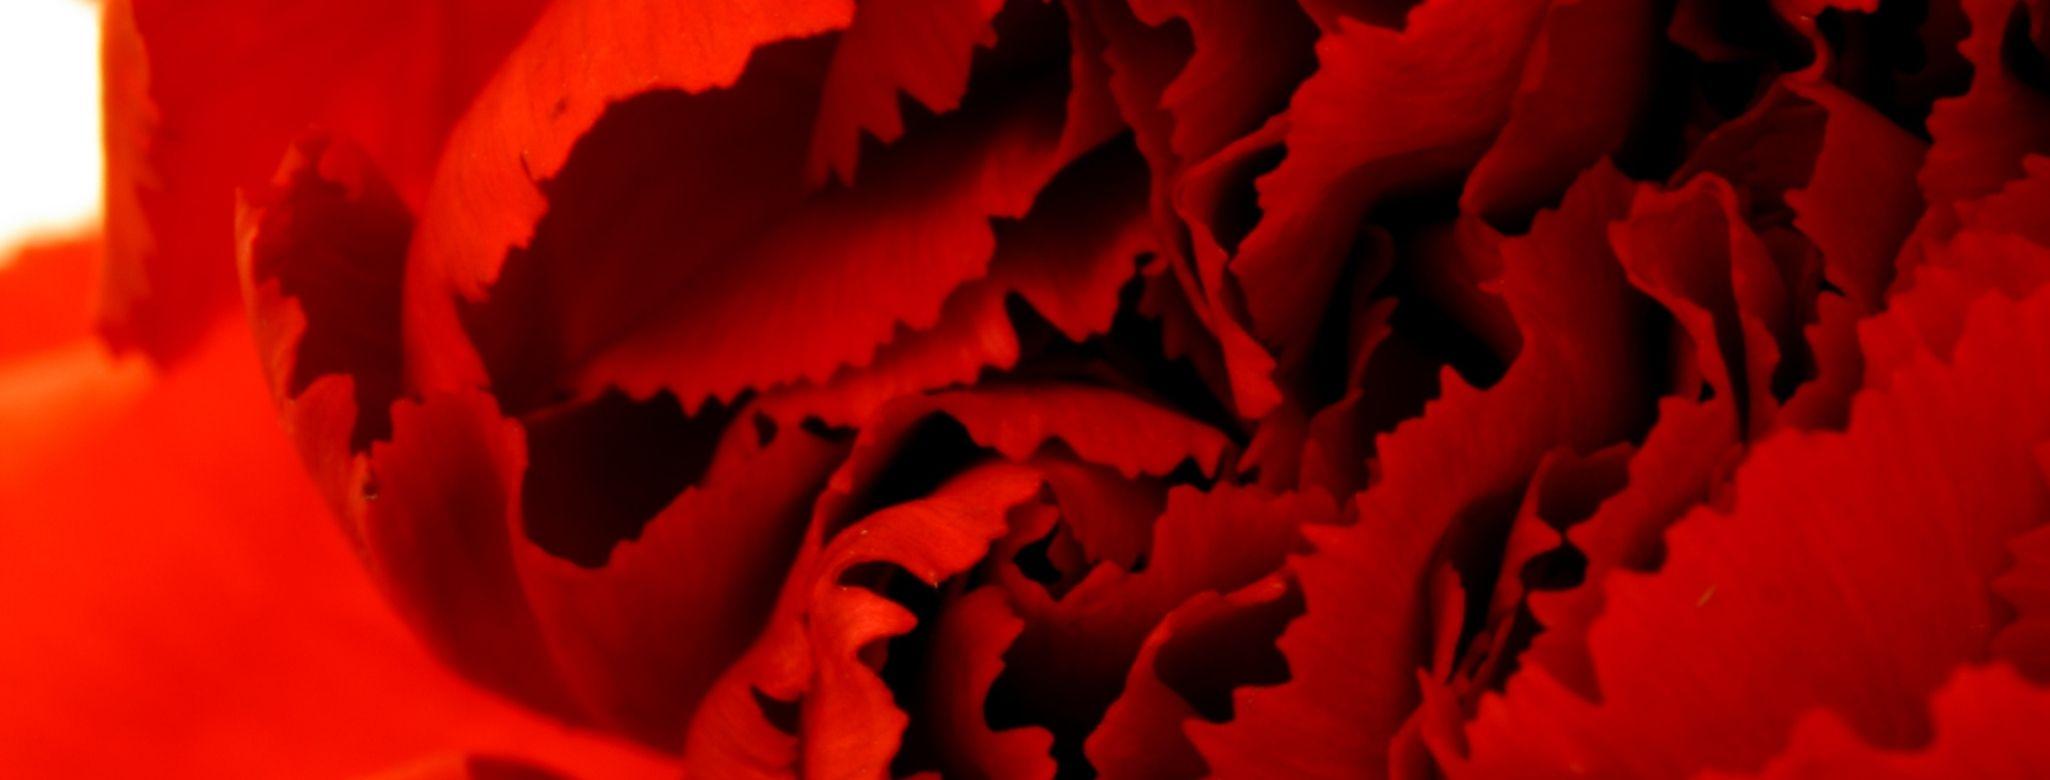 O cheiro de uma flor vermelha